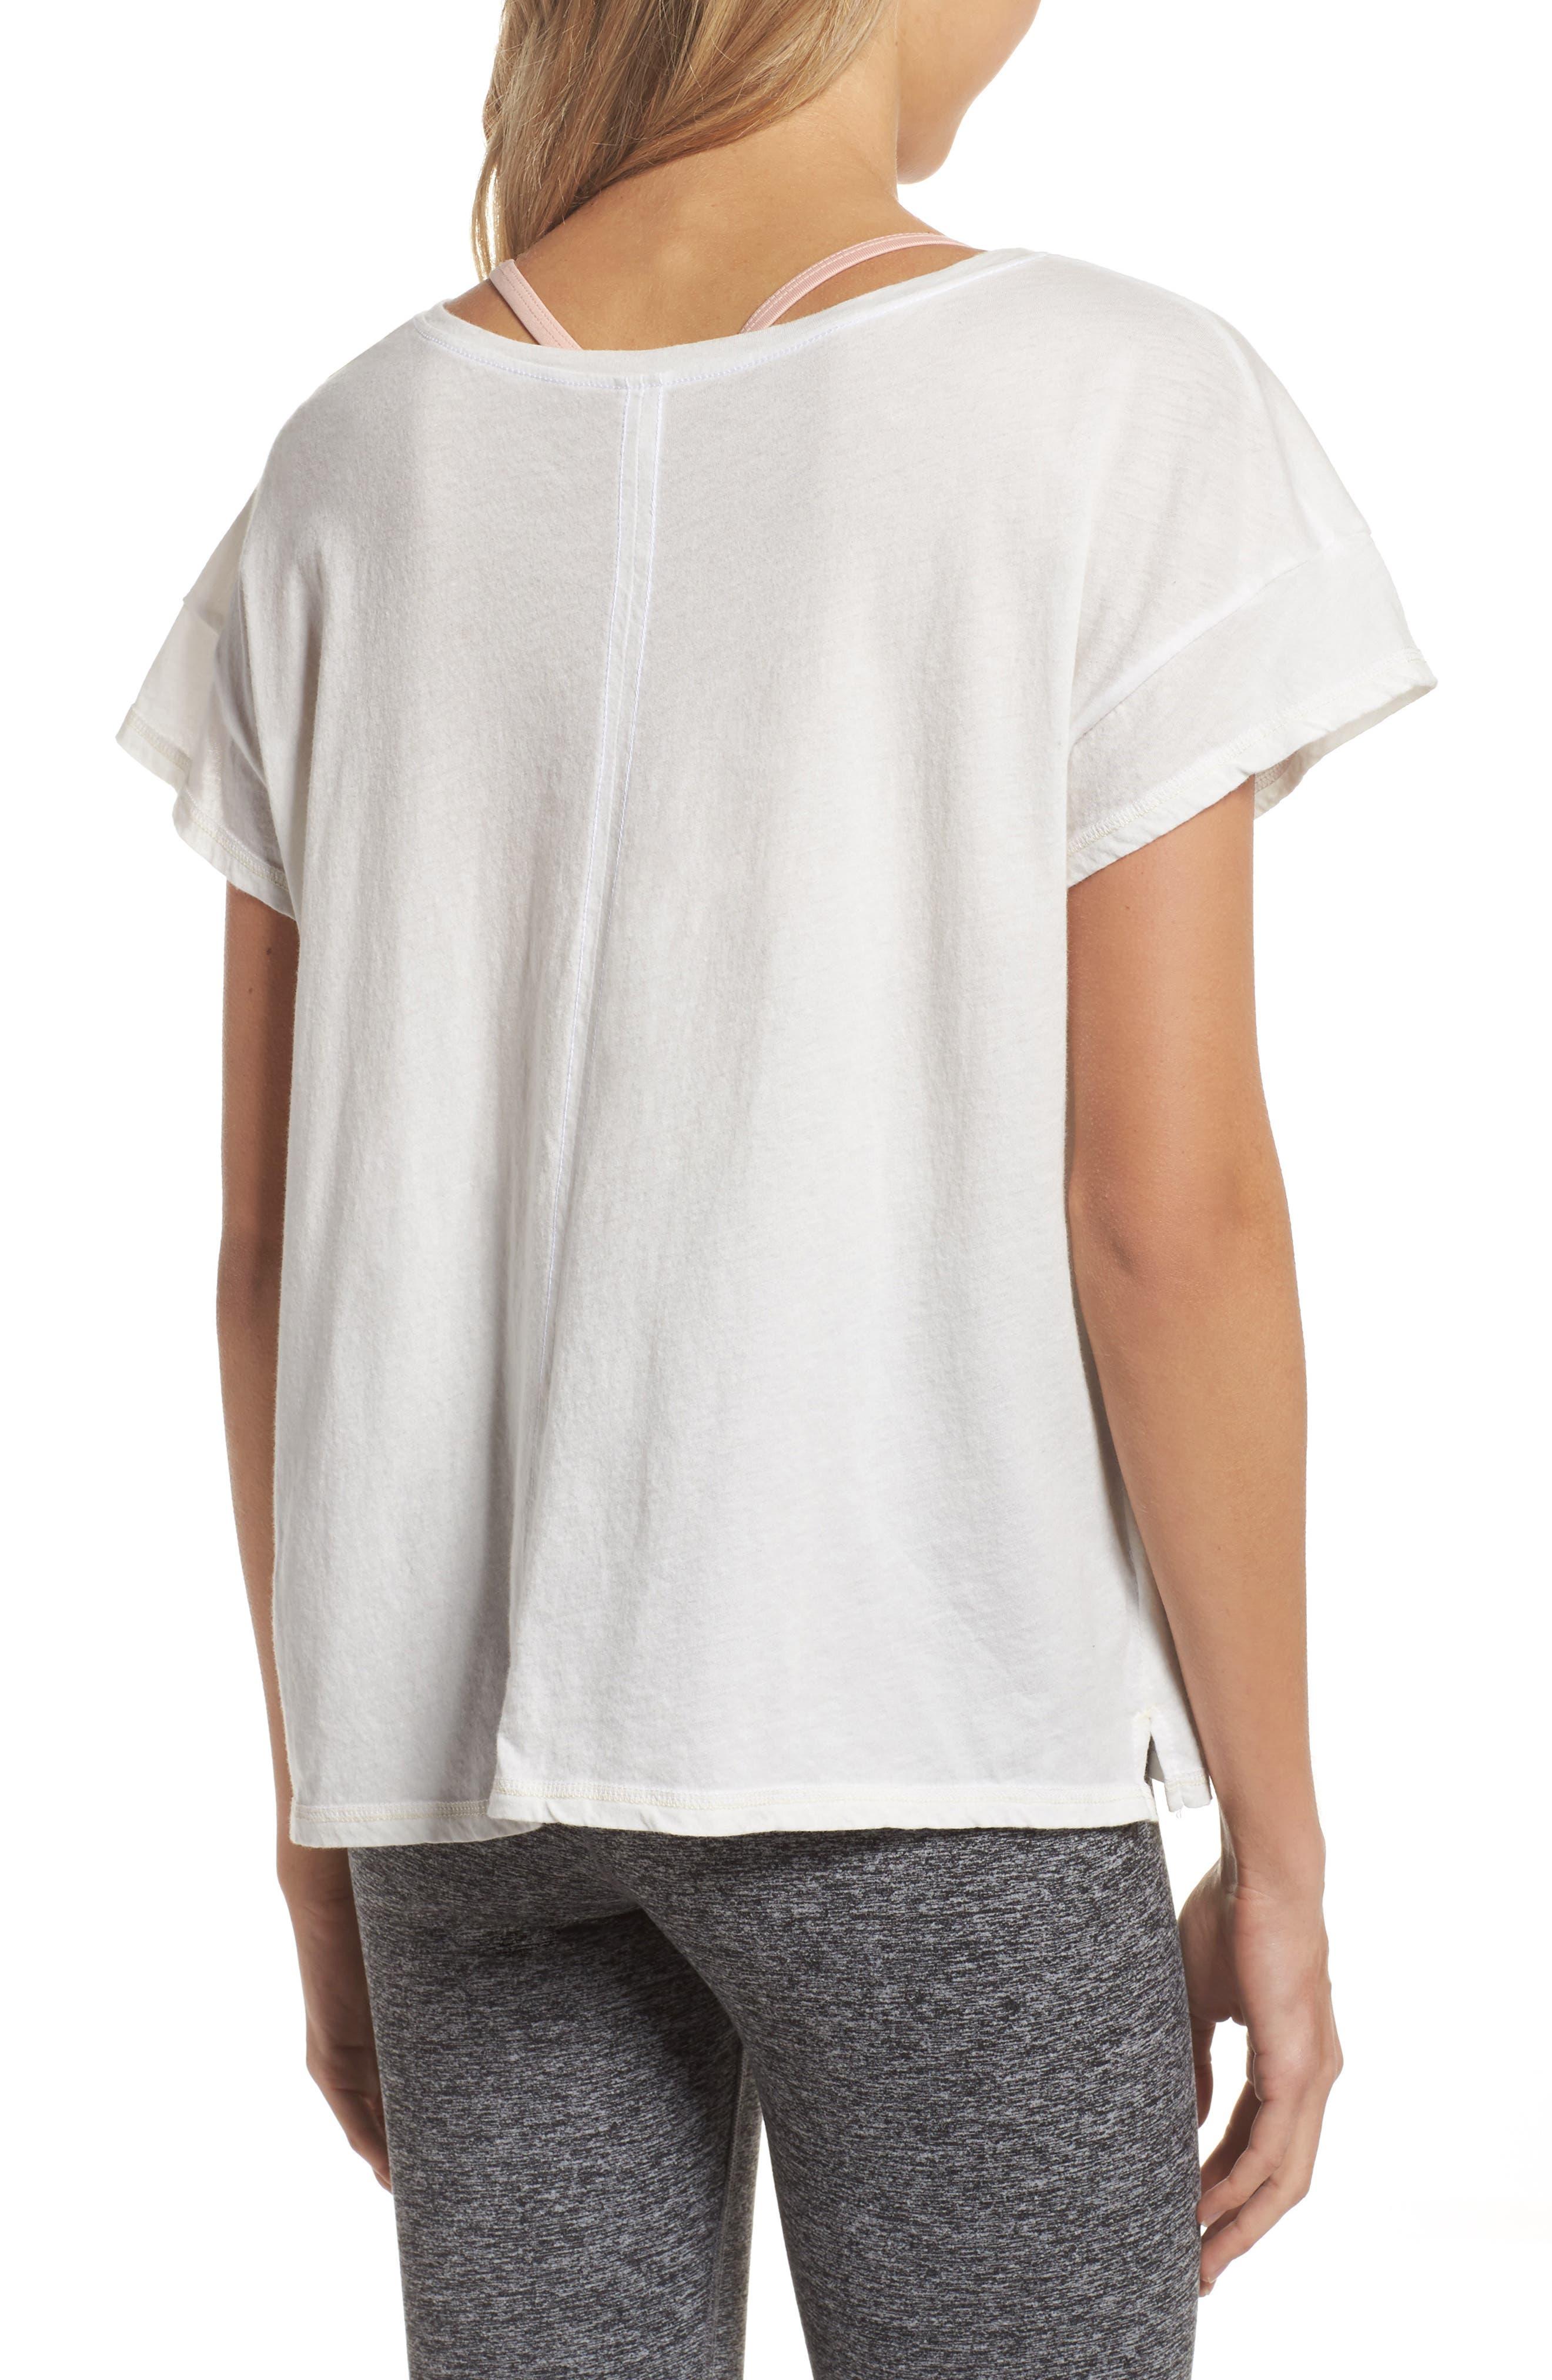 Claire To Do List Graphic Shirt,                             Alternate thumbnail 2, color,                             Salt